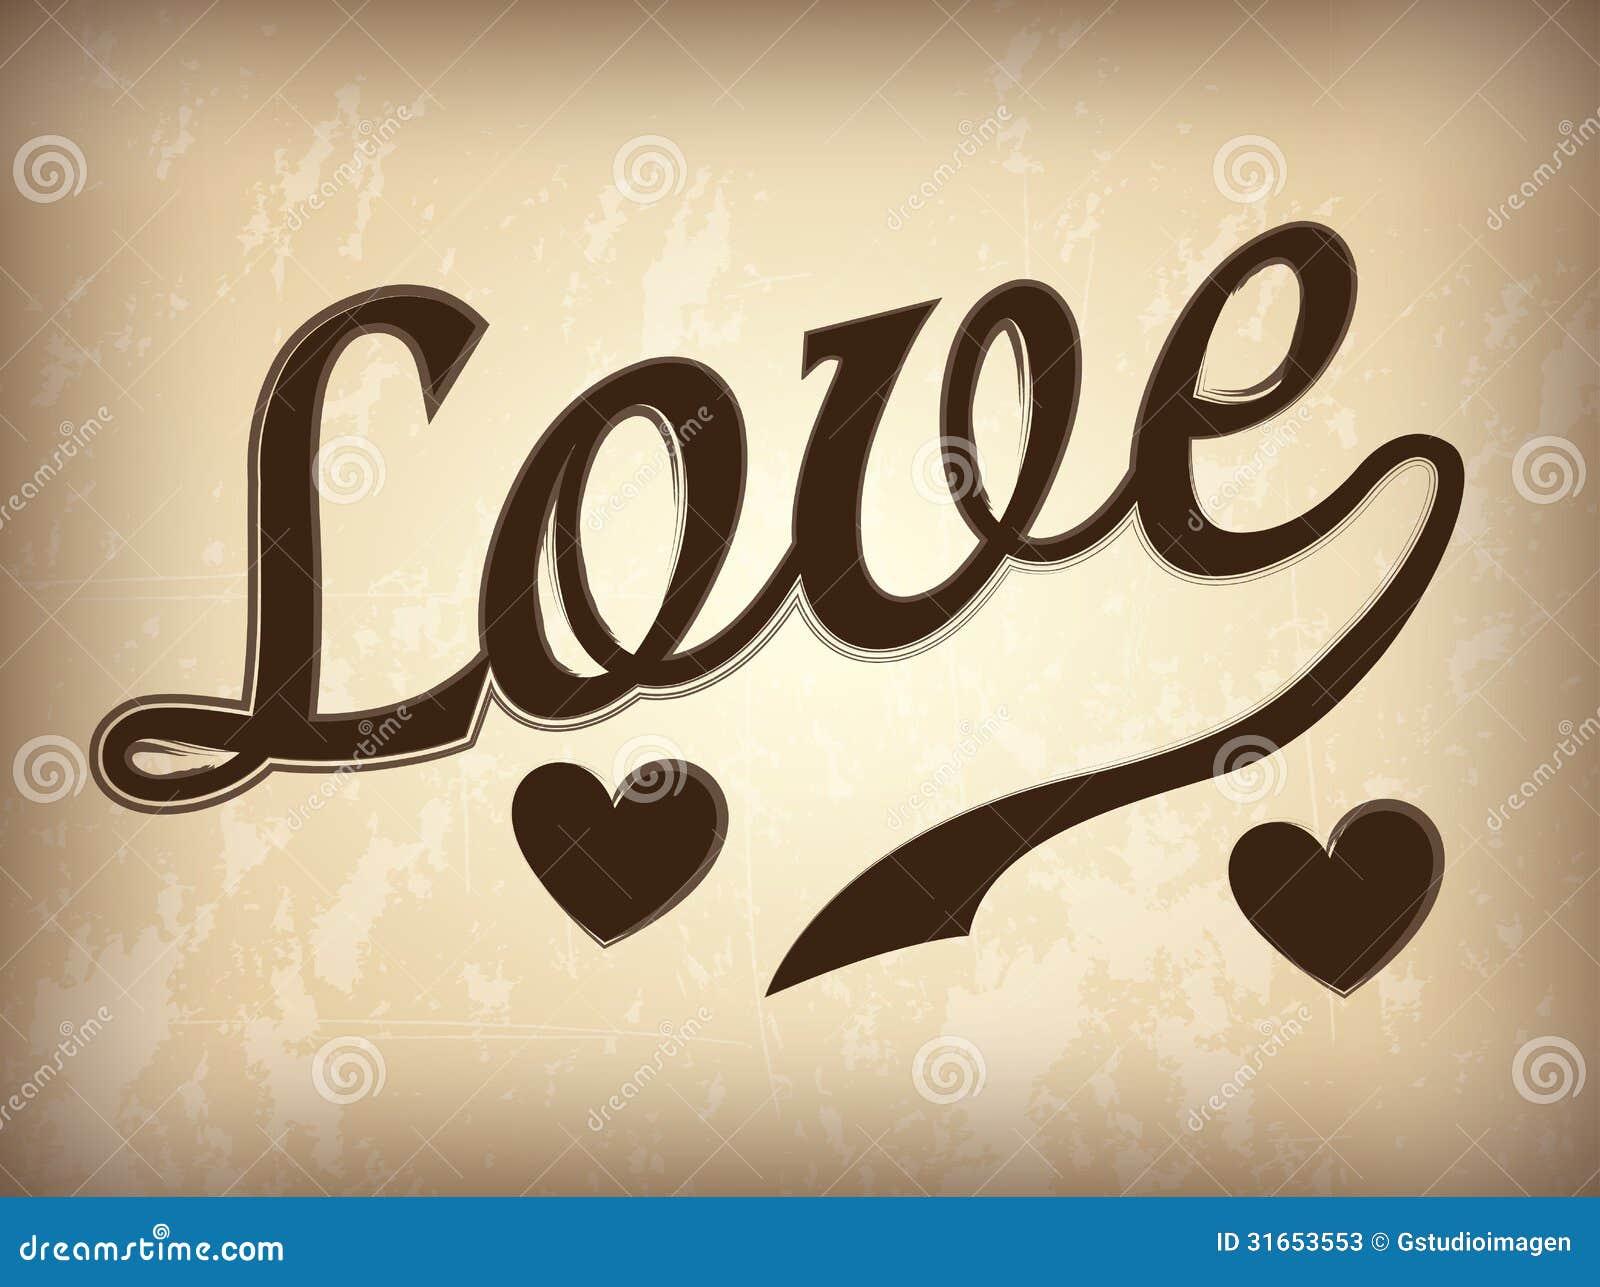 Love design over vintage background vector illustration